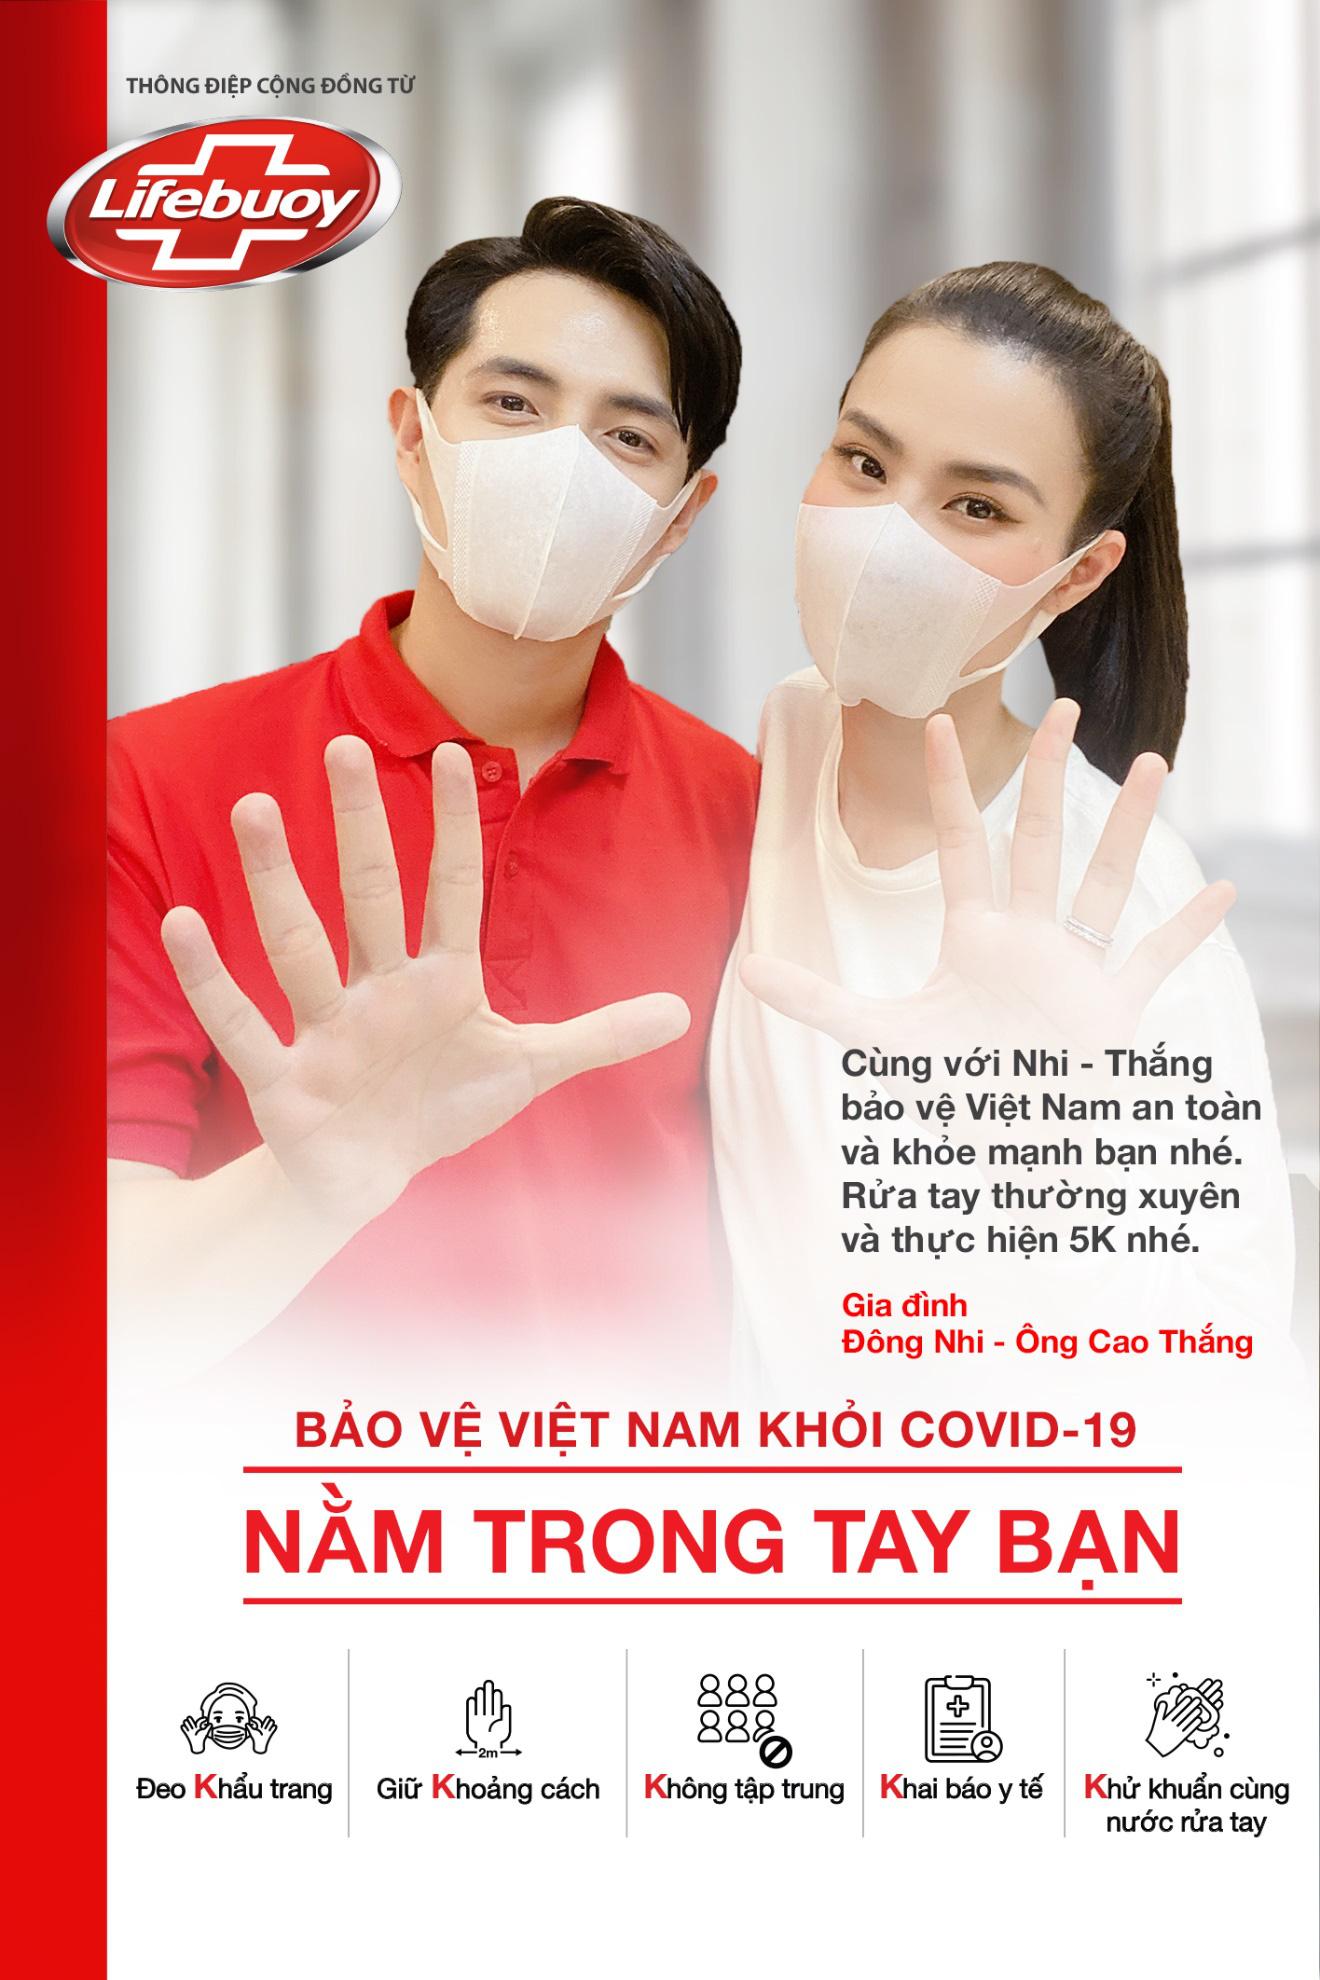 Đừng tìm đâu xa, cách bảo vệ chúng ta khỏi dịch bệnh đang nằm trong tay bạn - ảnh 5